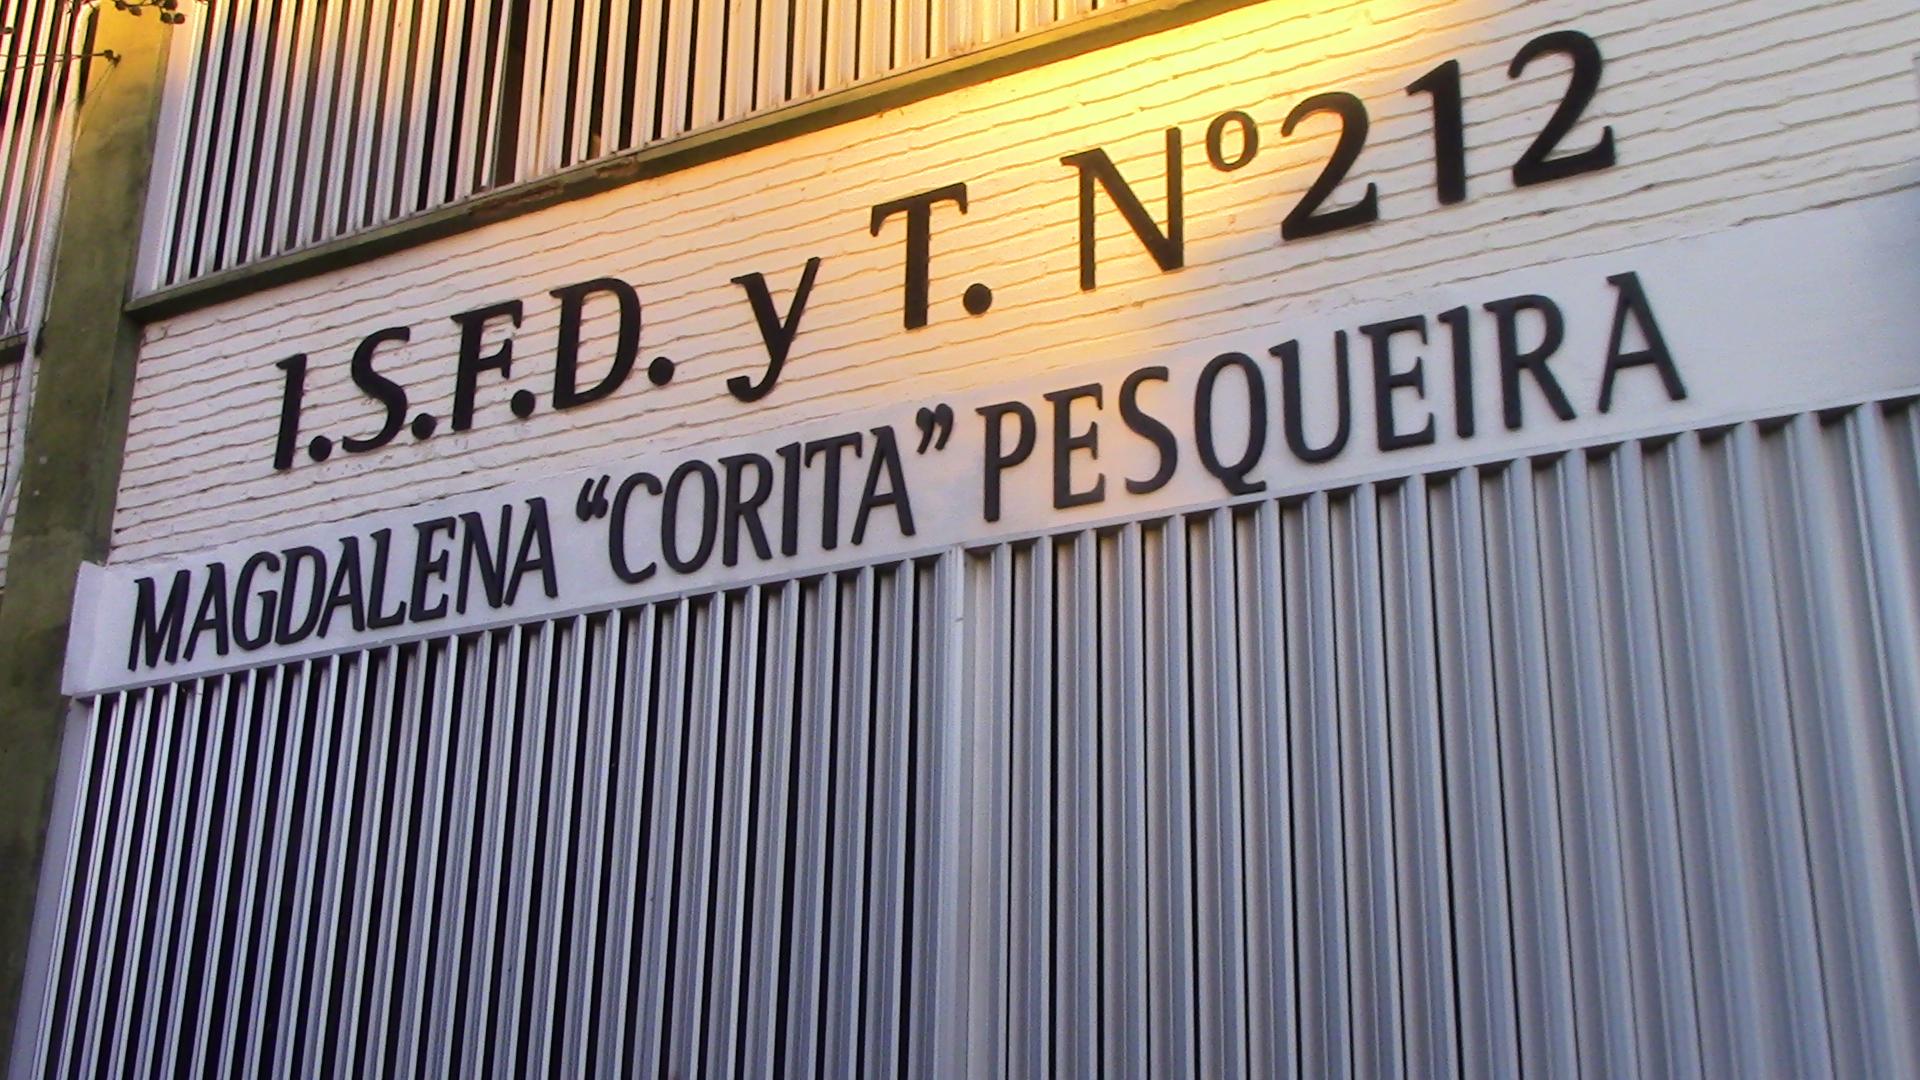 El Instituto de Formación Docente y Técnica nº 212 de Ranchos lleva el nombre de Magdalena «Corita» Pesqueira